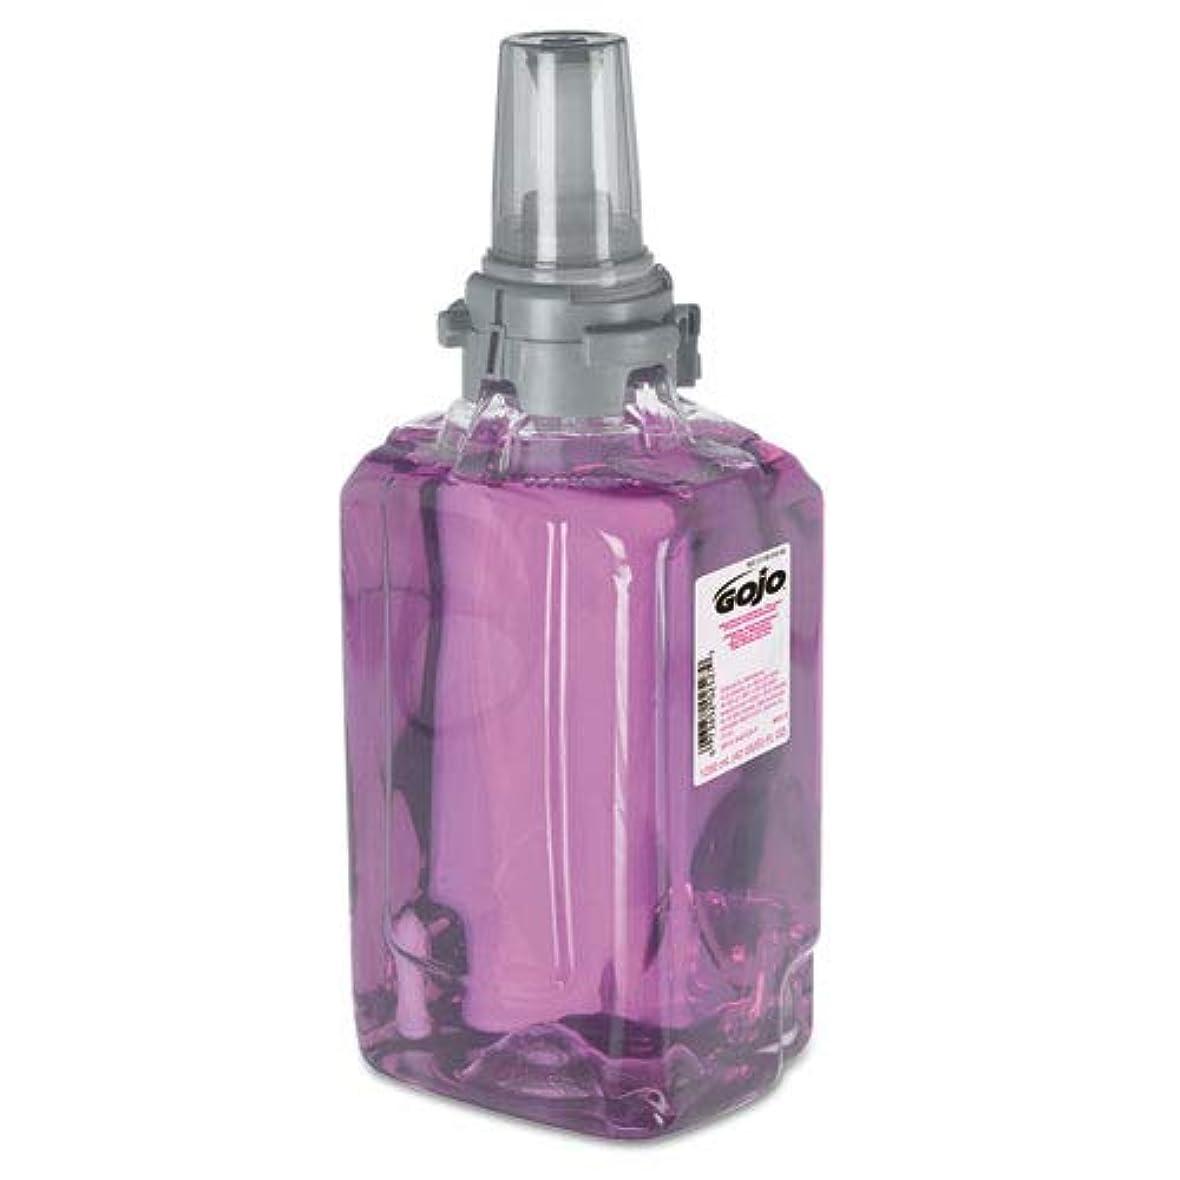 ライン保持かもしれないgoj881203ct – 抗菌Foam Handwash